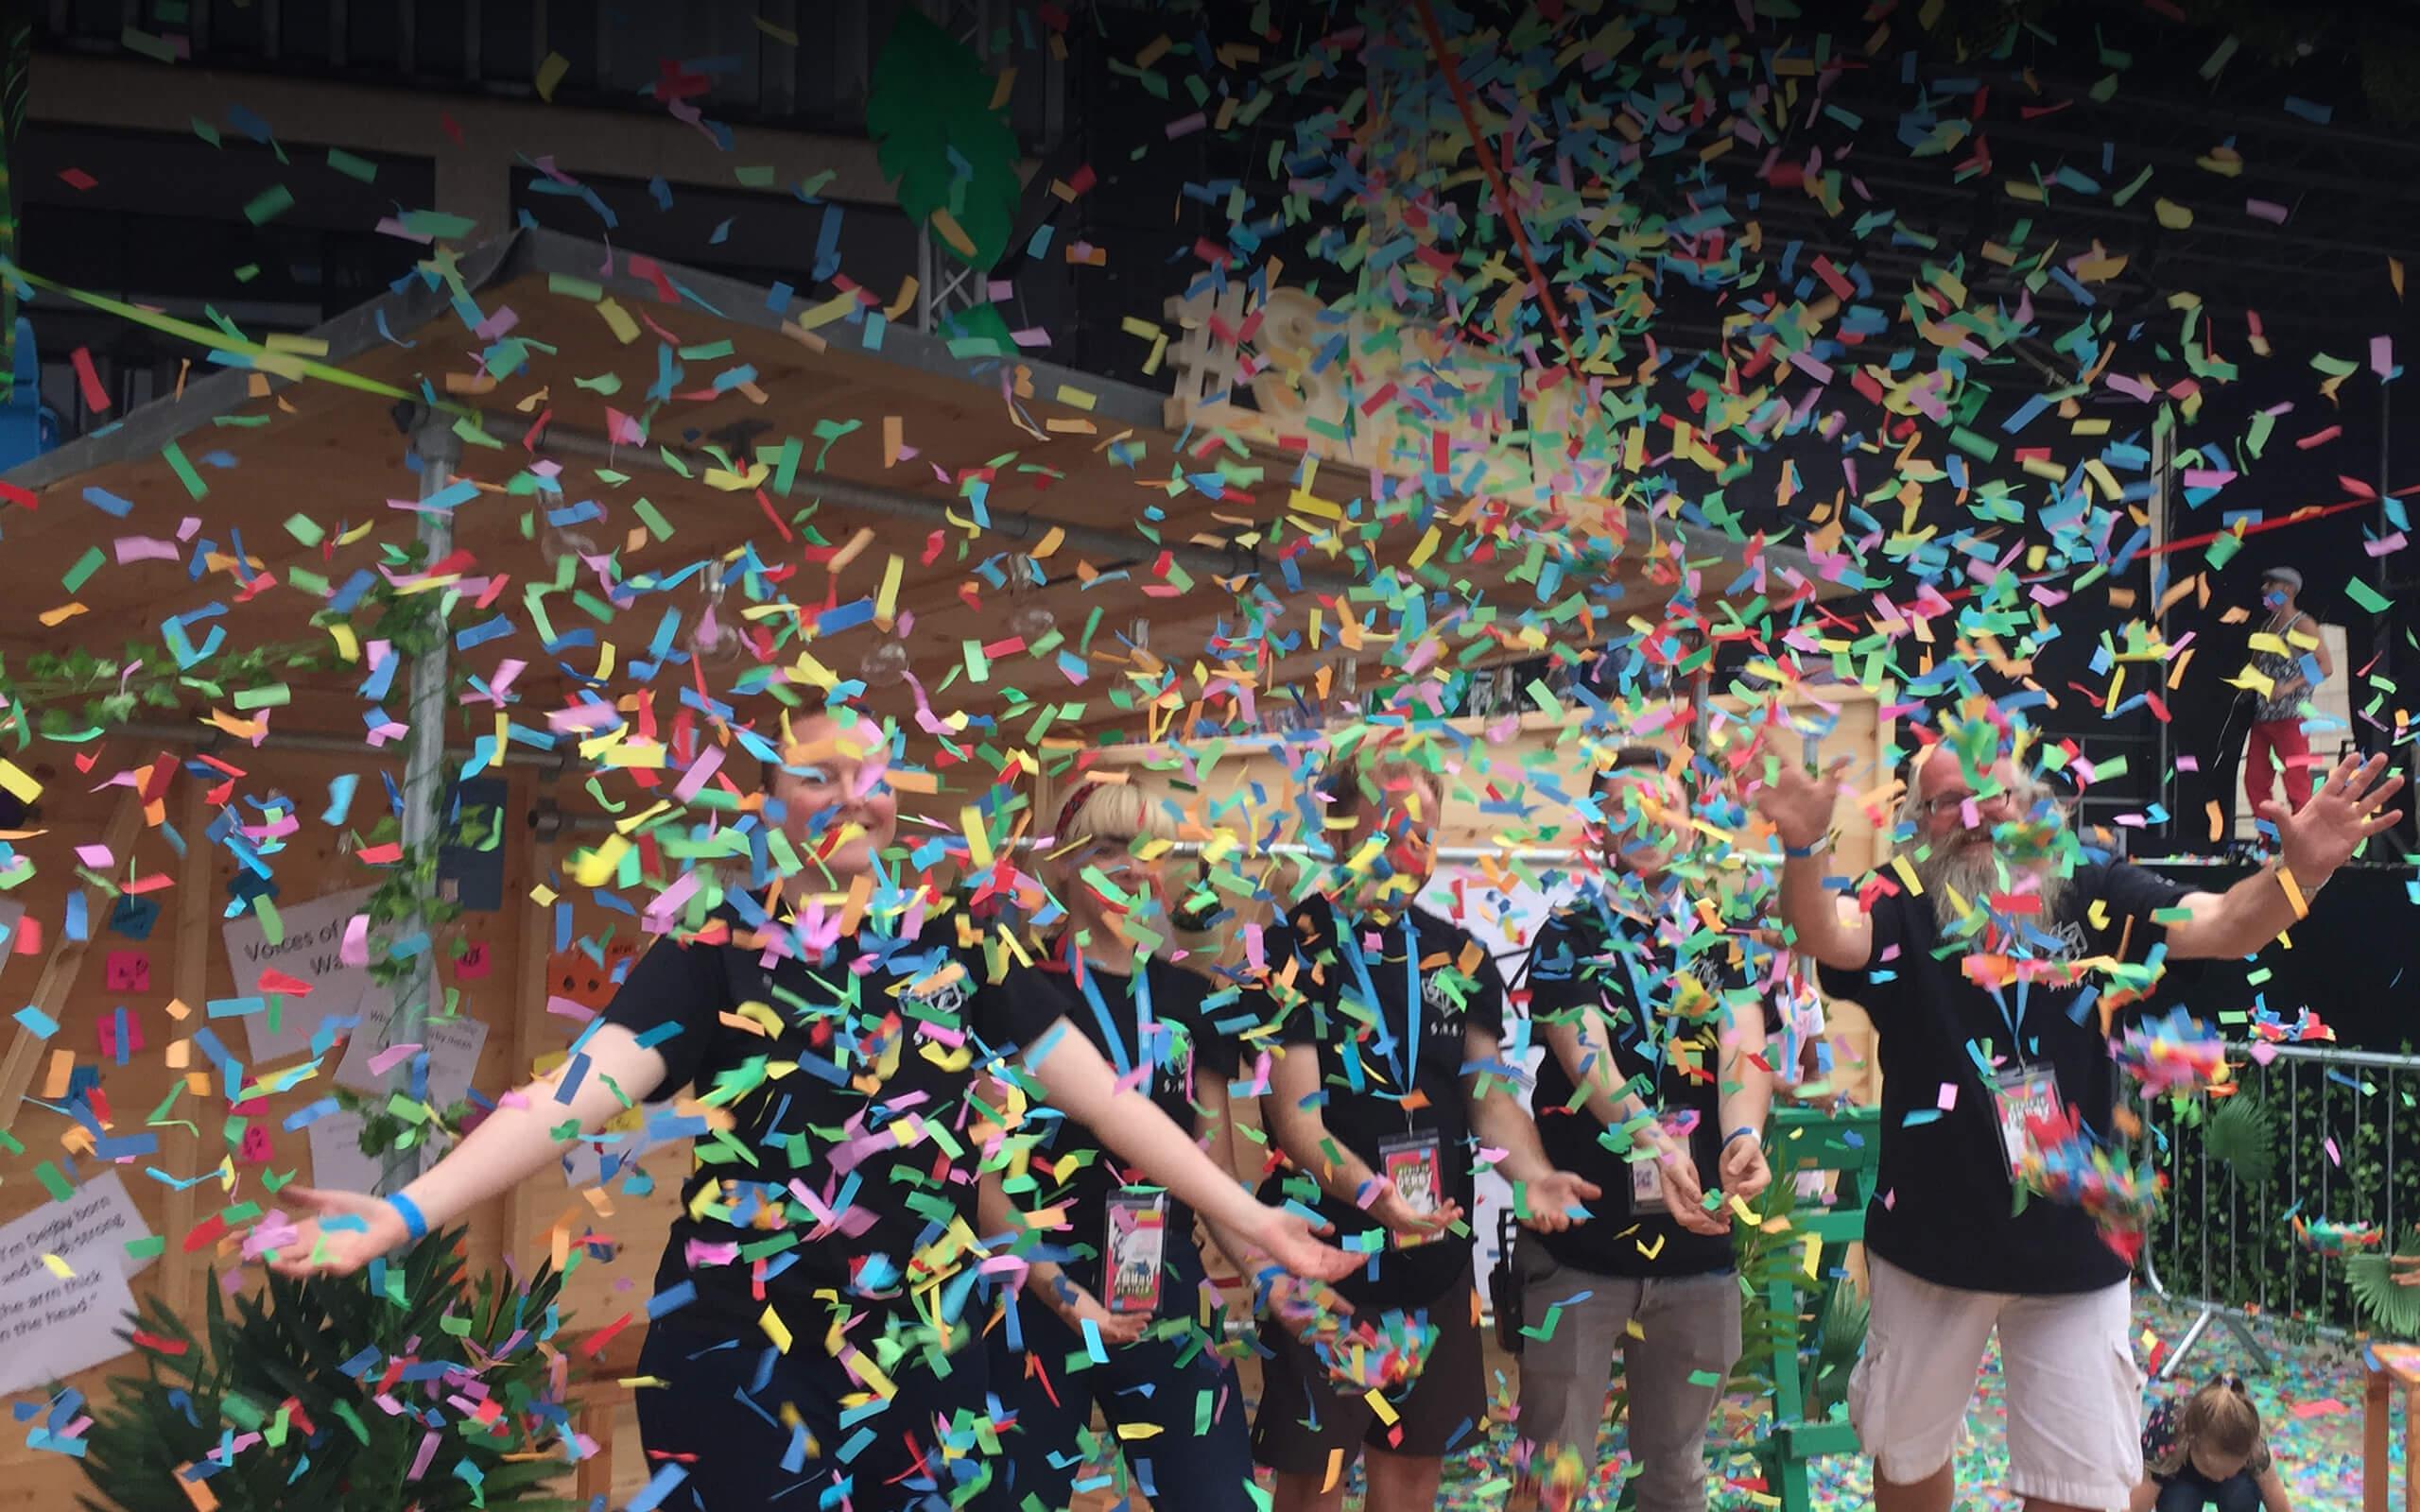 Confetti falling at S.H.E.D